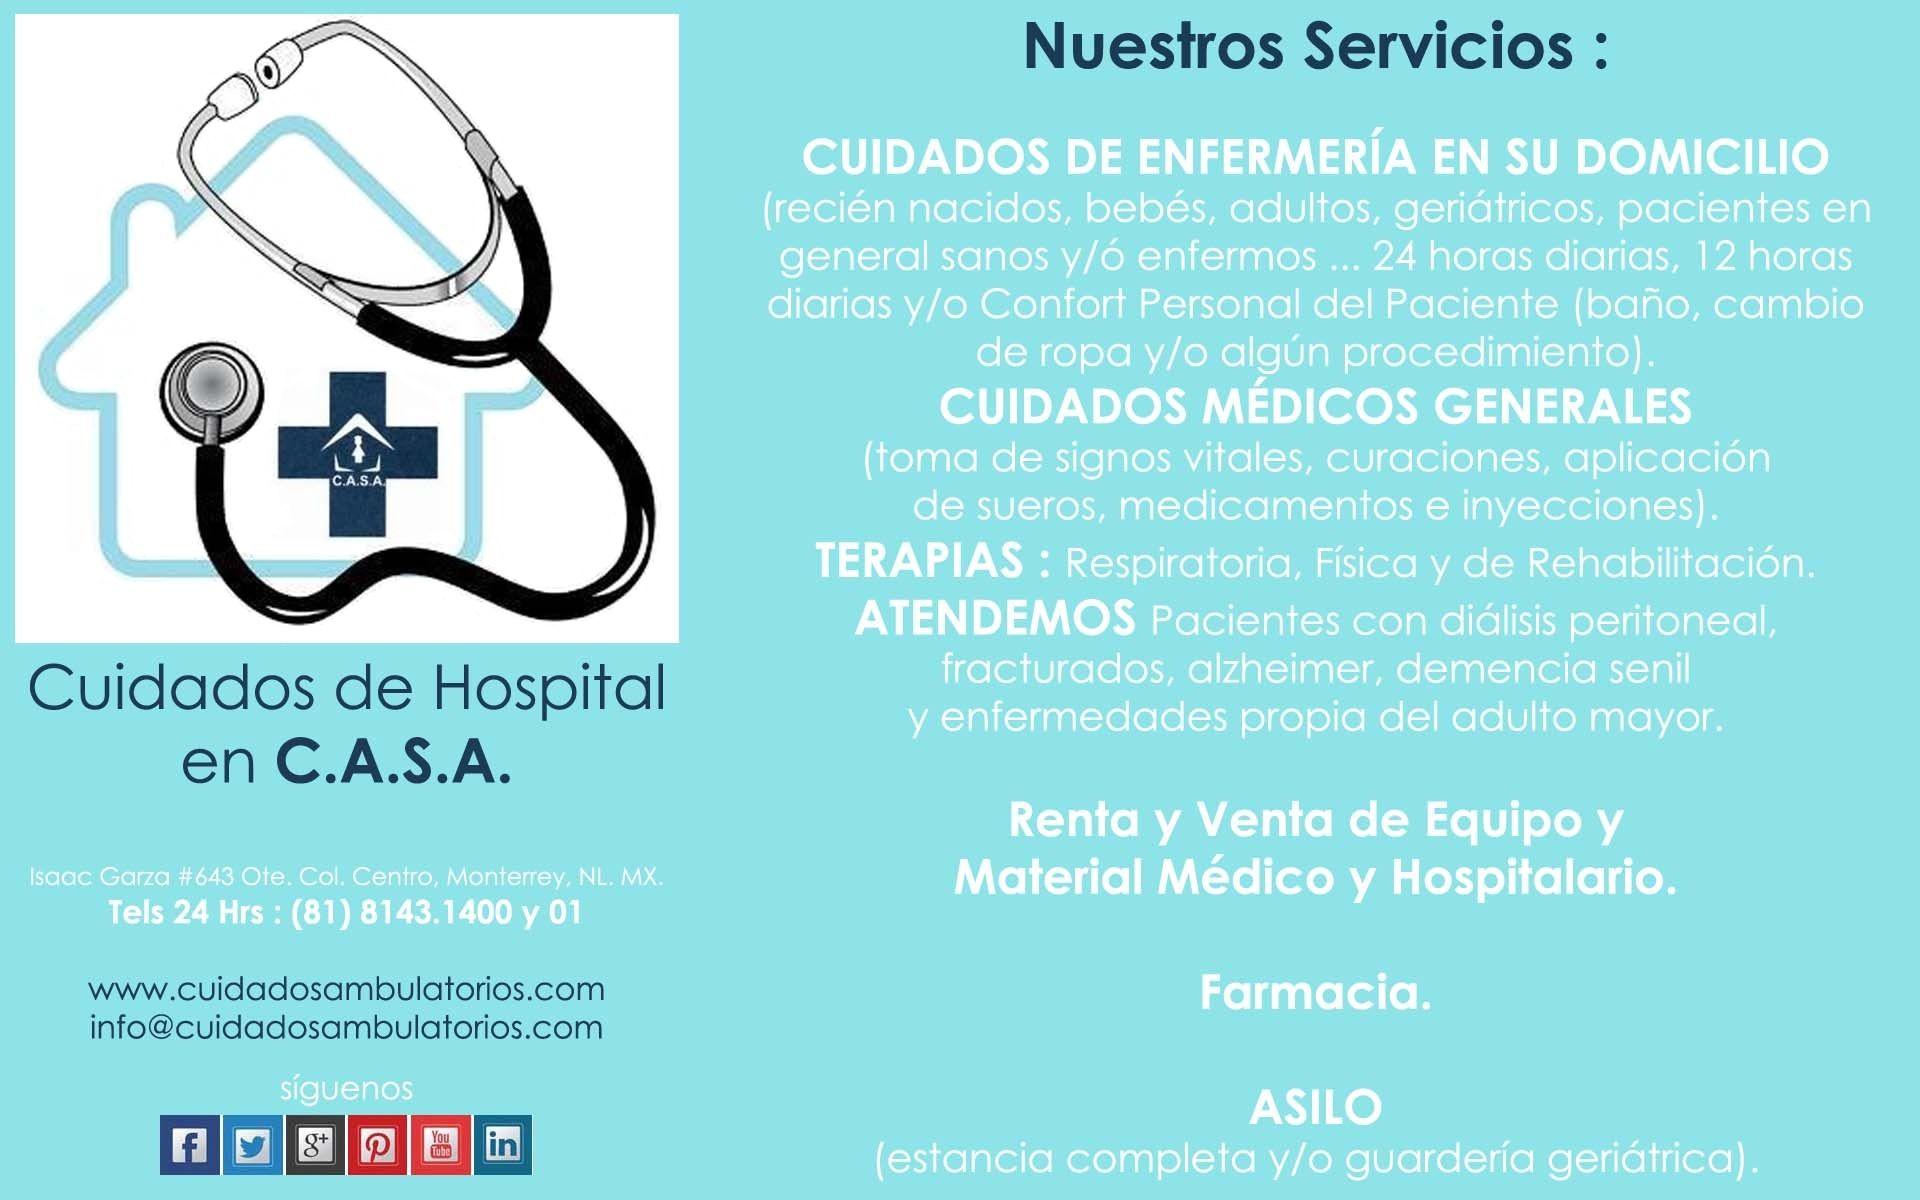 ENFERMERAS PROFESIONALES EN C.A.S.A. ... 24/7 los 365 días del año ... @CuidadosAmbulatorios